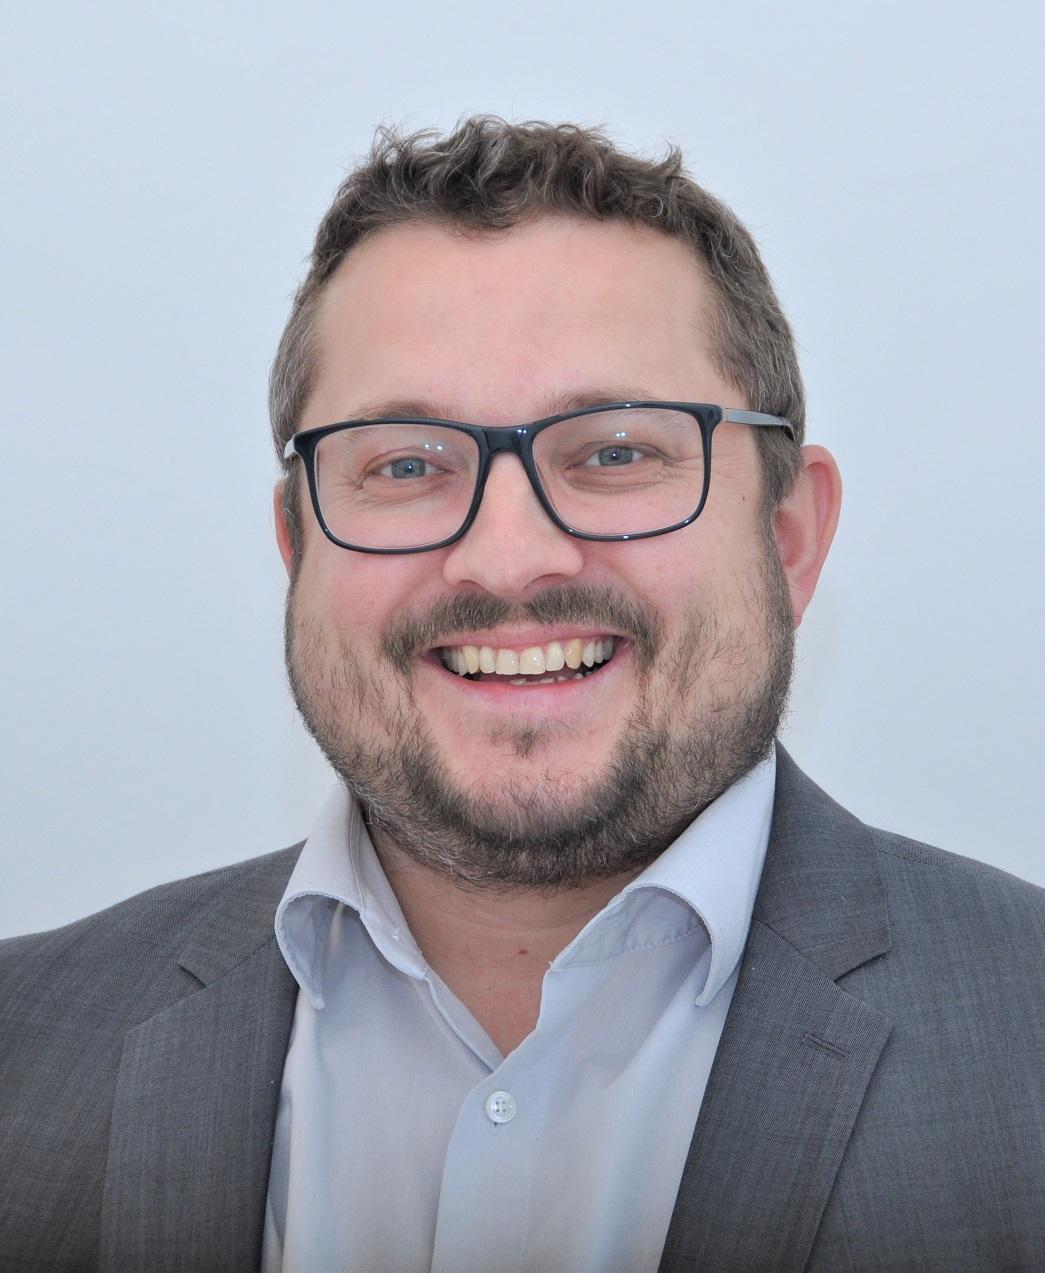 Georg Lettner Profilbild